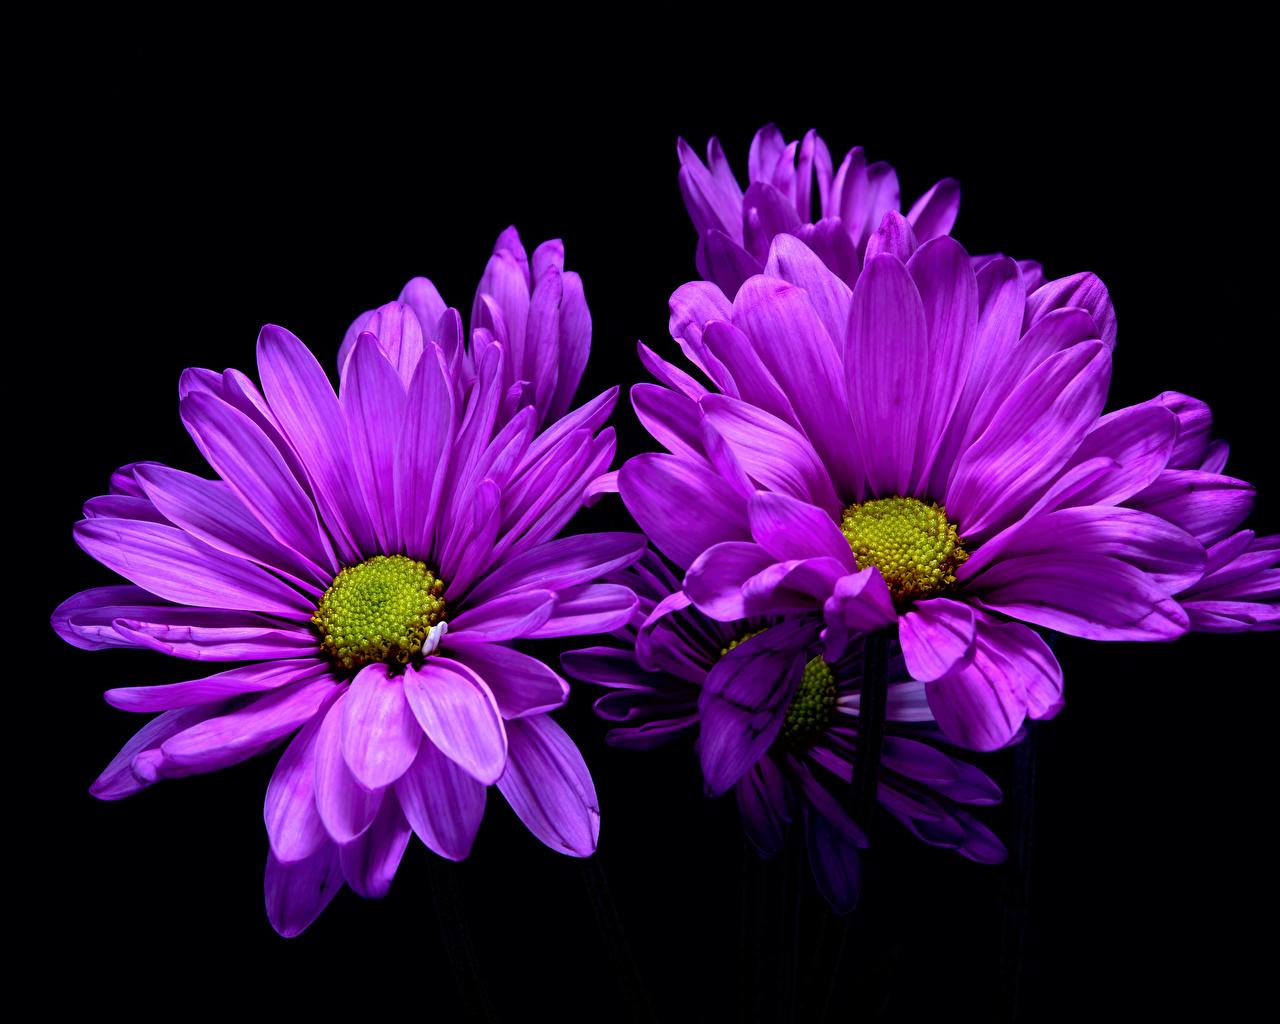 Картинка фиолетовая Цветы Хризантемы Черный фон Крупным планом Фиолетовый фиолетовые фиолетовых цветок вблизи на черном фоне